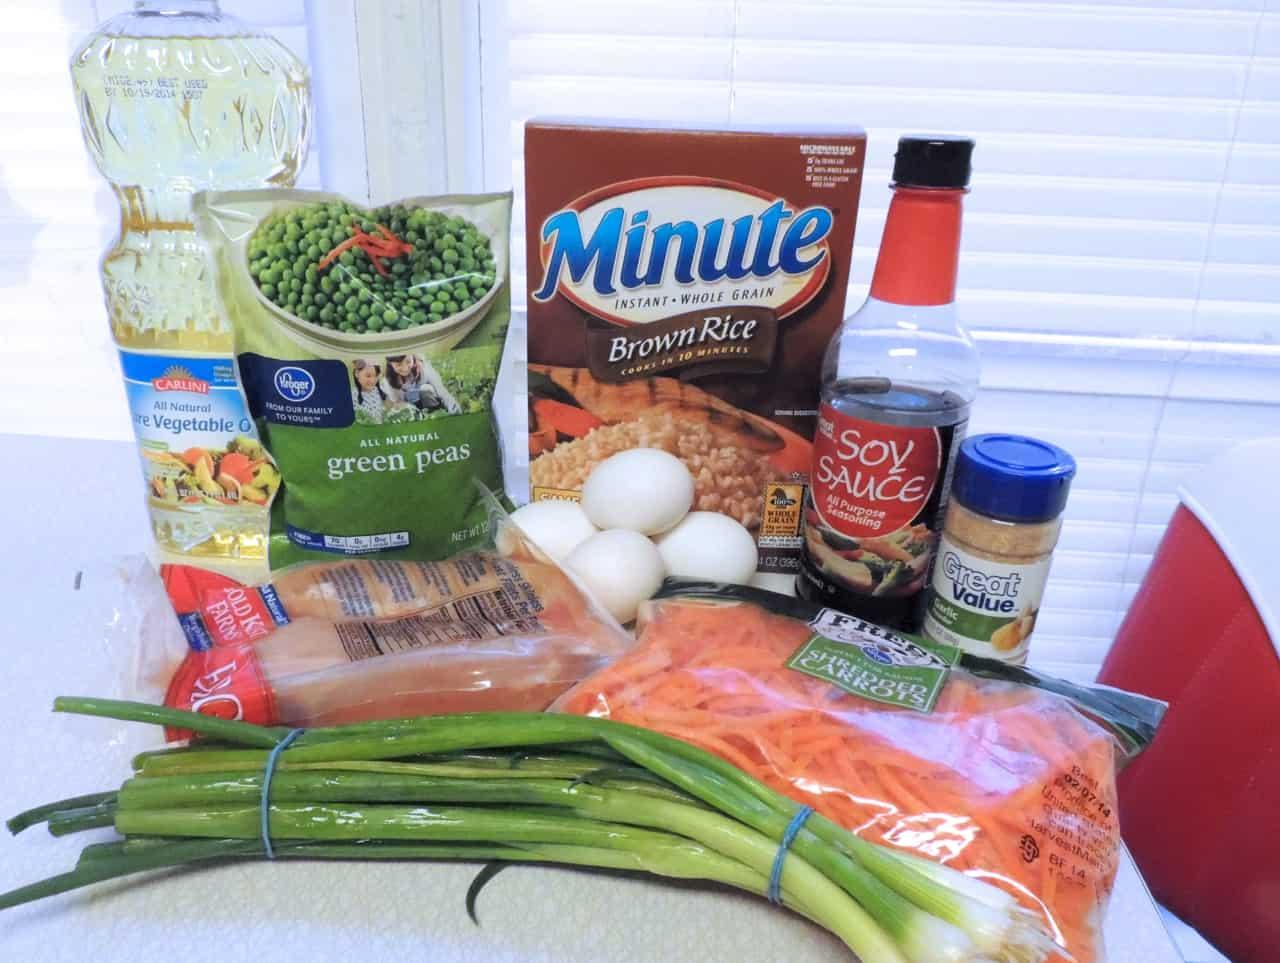 ... Brown Rice, Soy Sauce, Garlic Salt, Eggs, Matchstick Carrots, Chicken